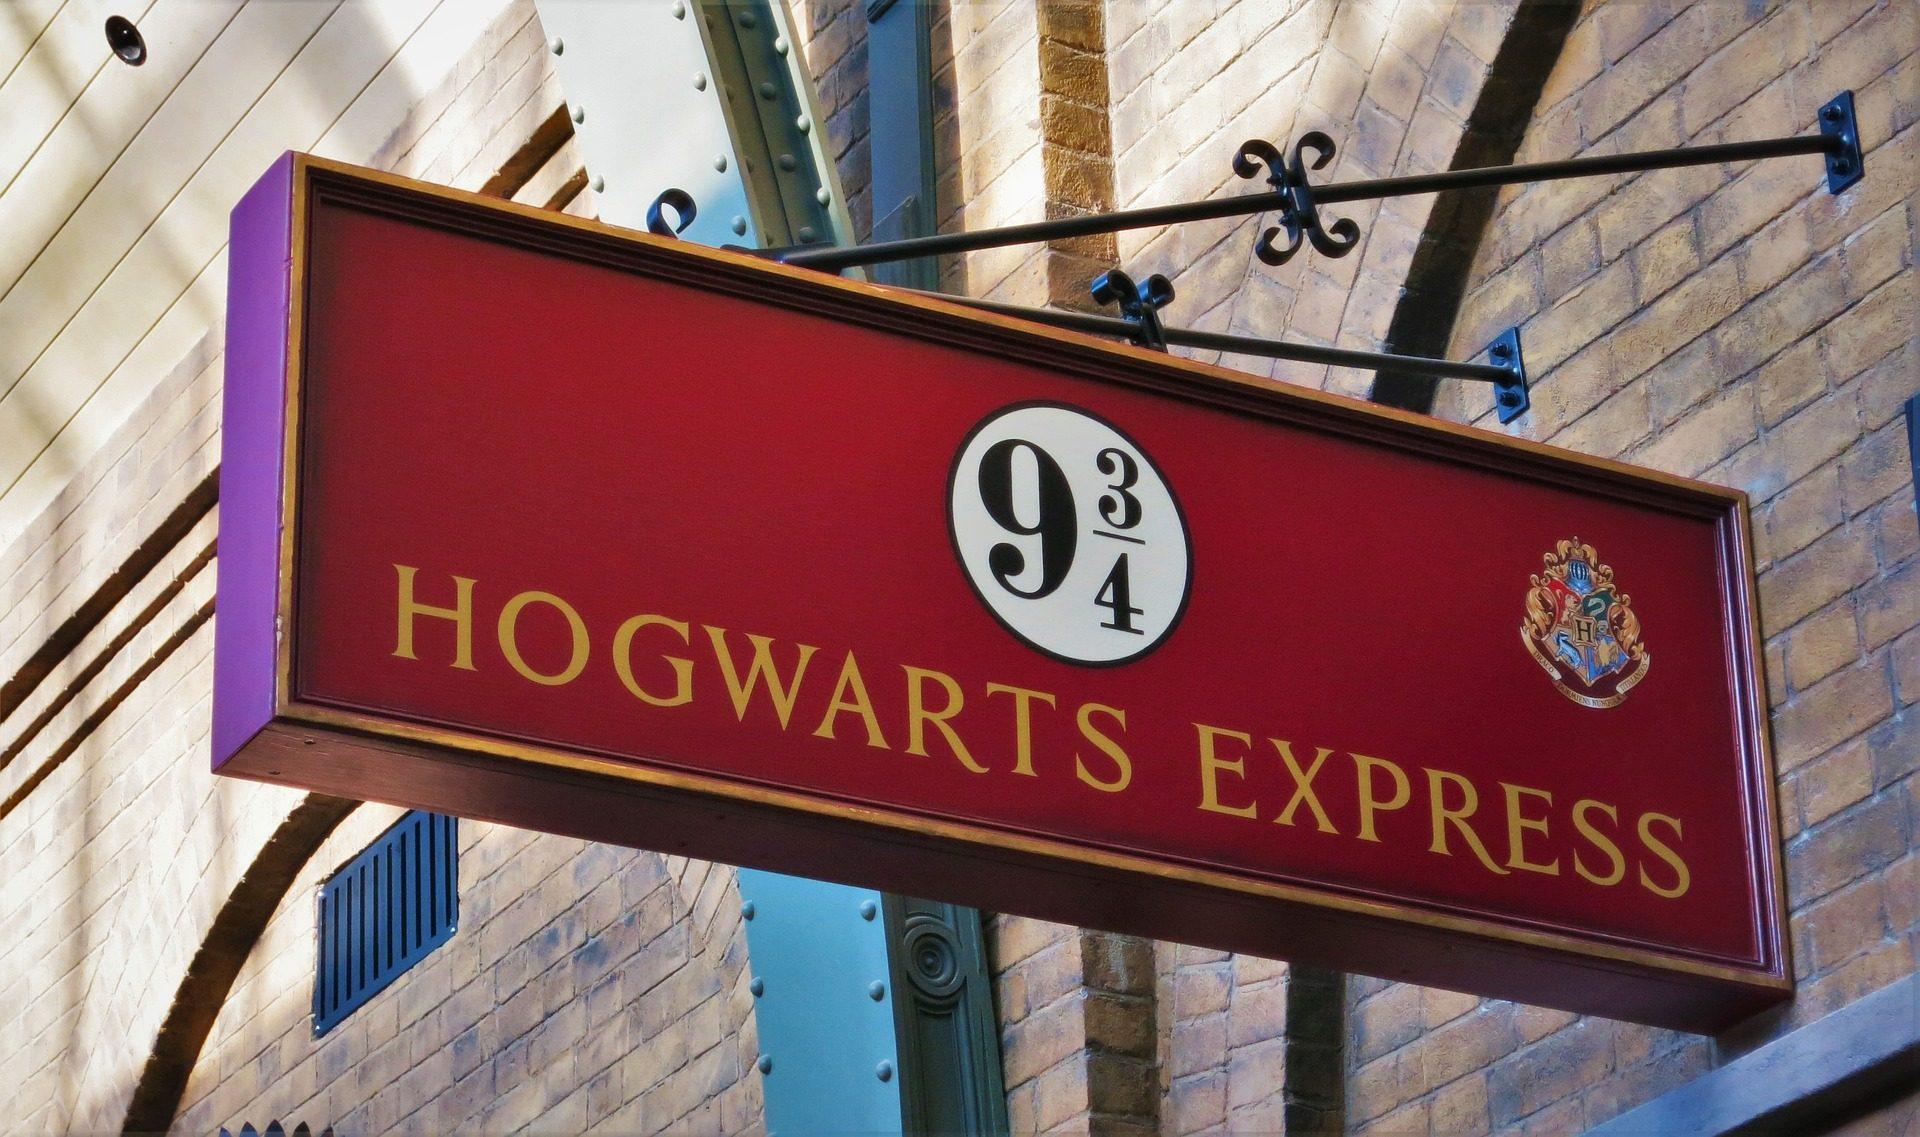 Reise nach Hogwarts günstig ab 179,00€ - 2 Nächte in London 1